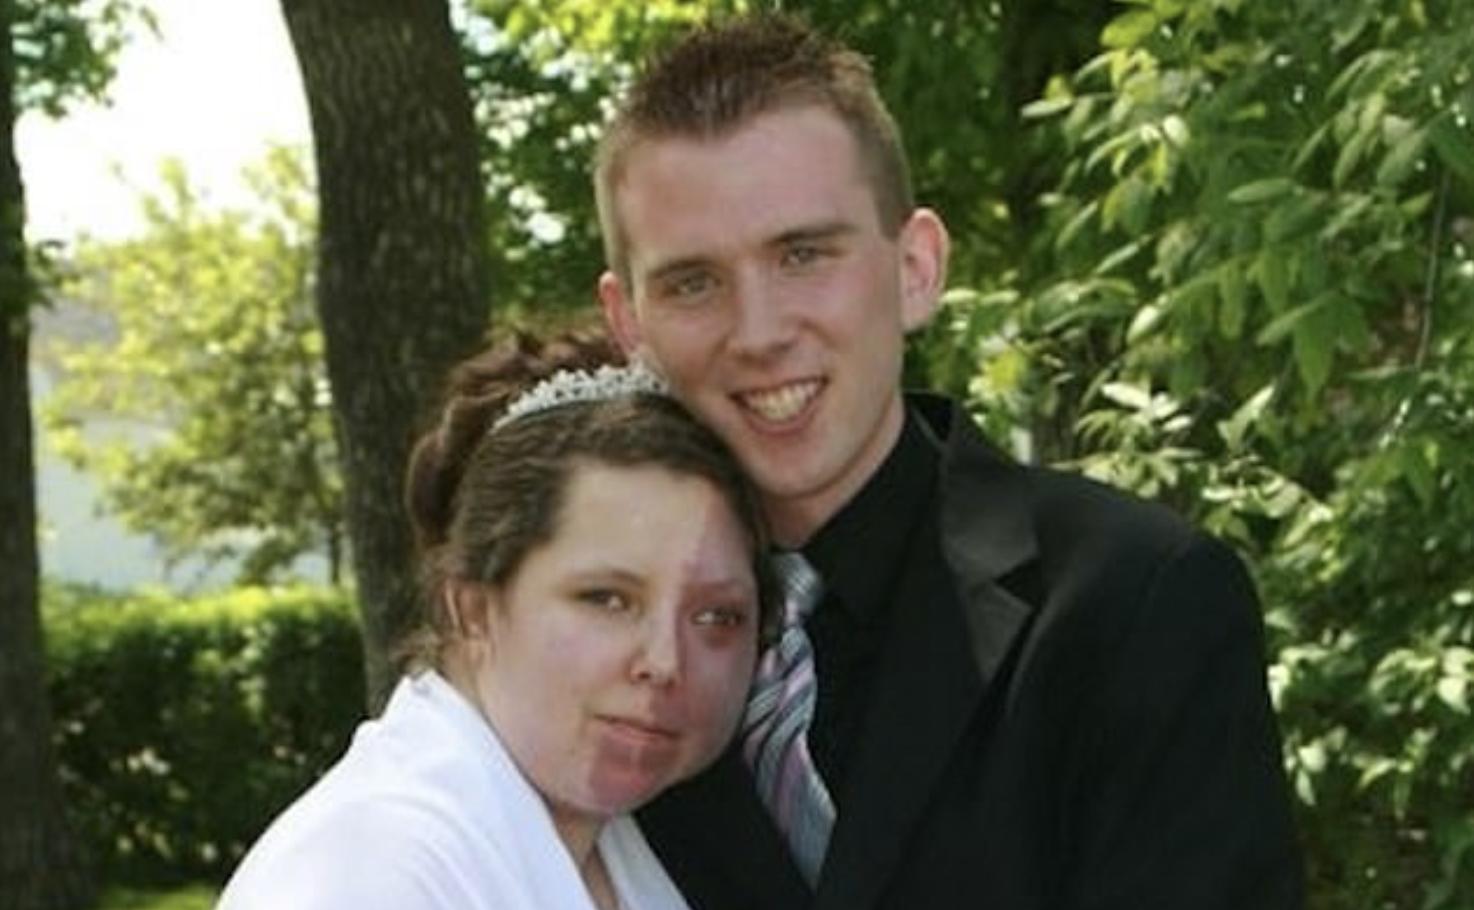 ماجرای ازدواج یک زن با چهره ای عجیب +عکس